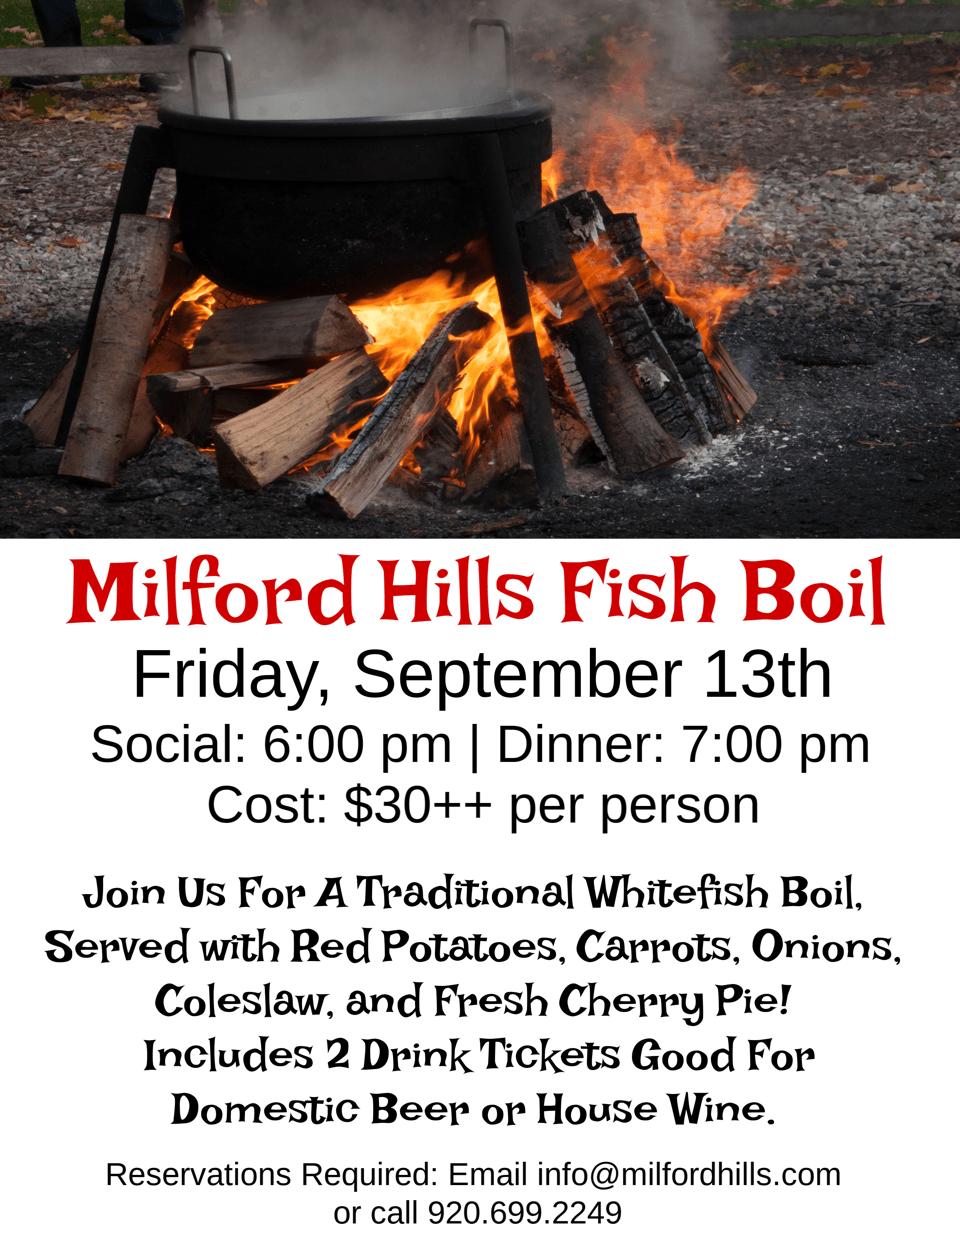 Milford Hills Fish Boil